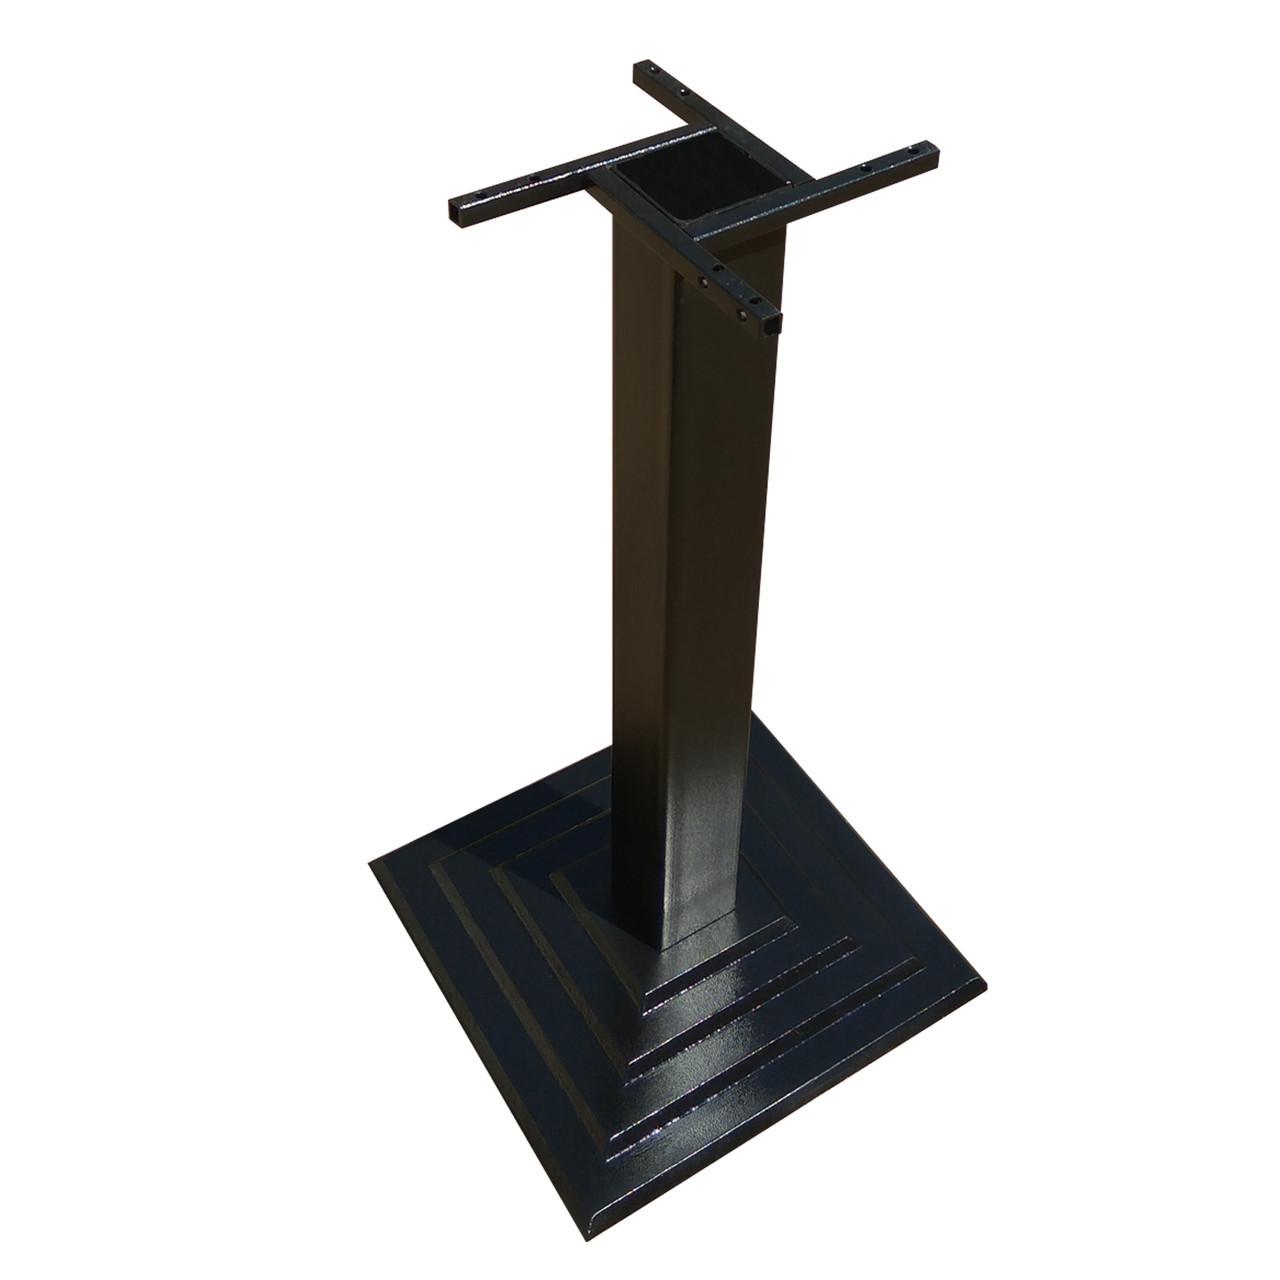 База для стола из чугуна Леман